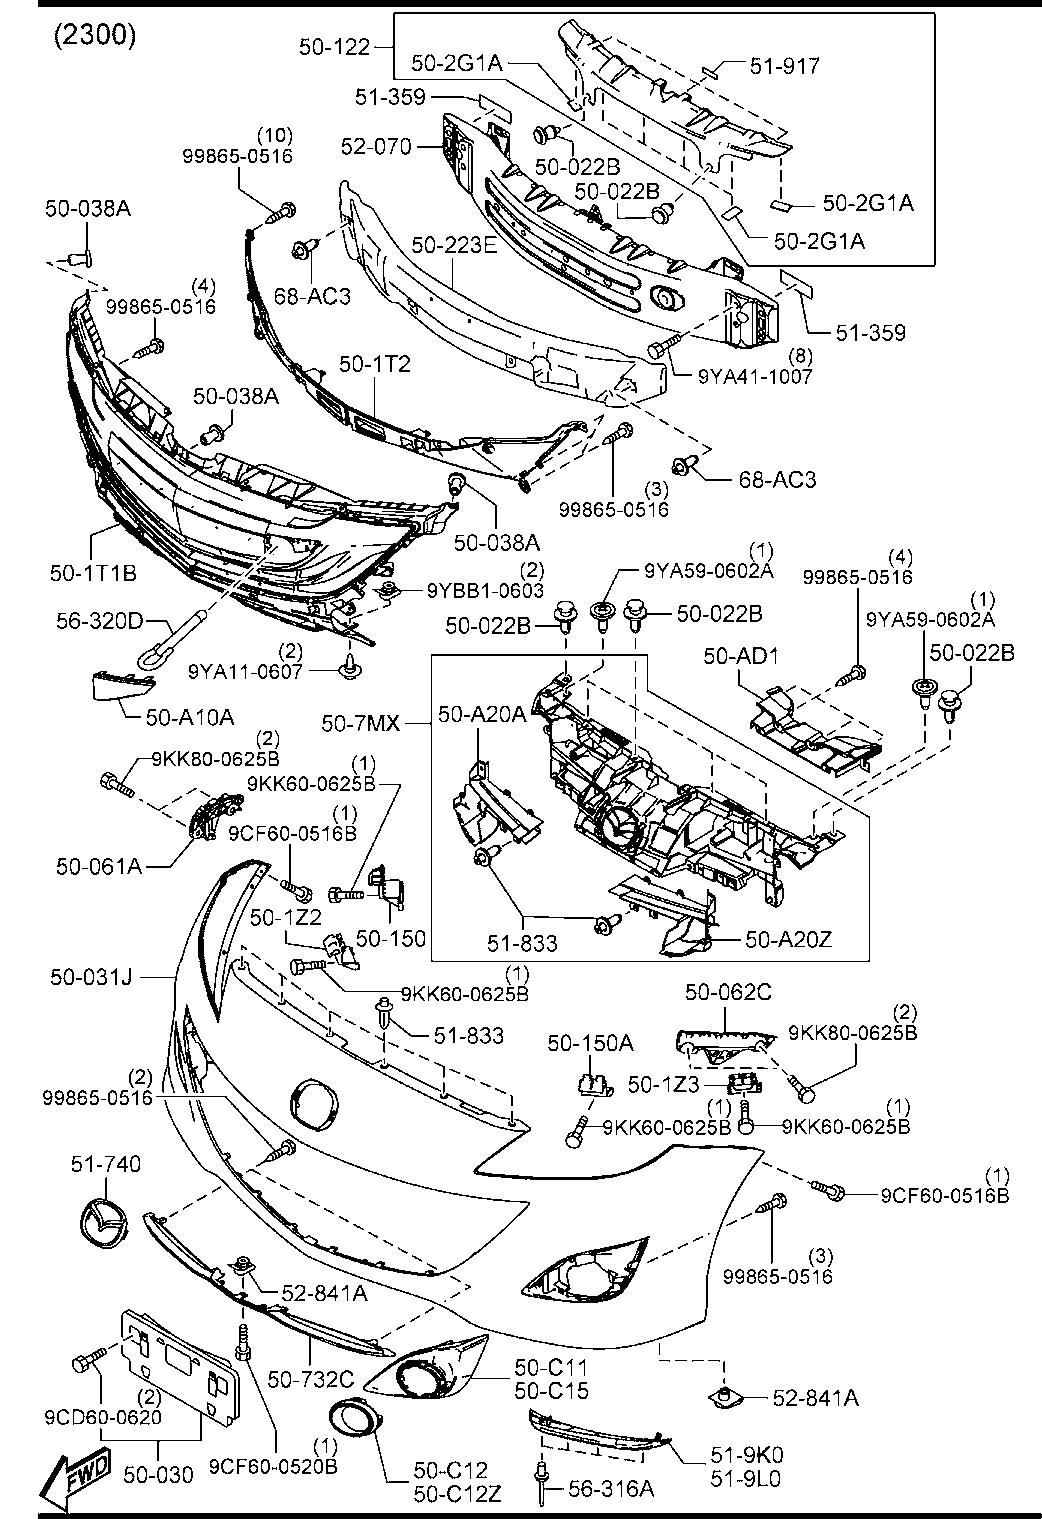 Mazda 3 Body Parts Diagram : Mazda 1 310 Mpa Cold Stamped